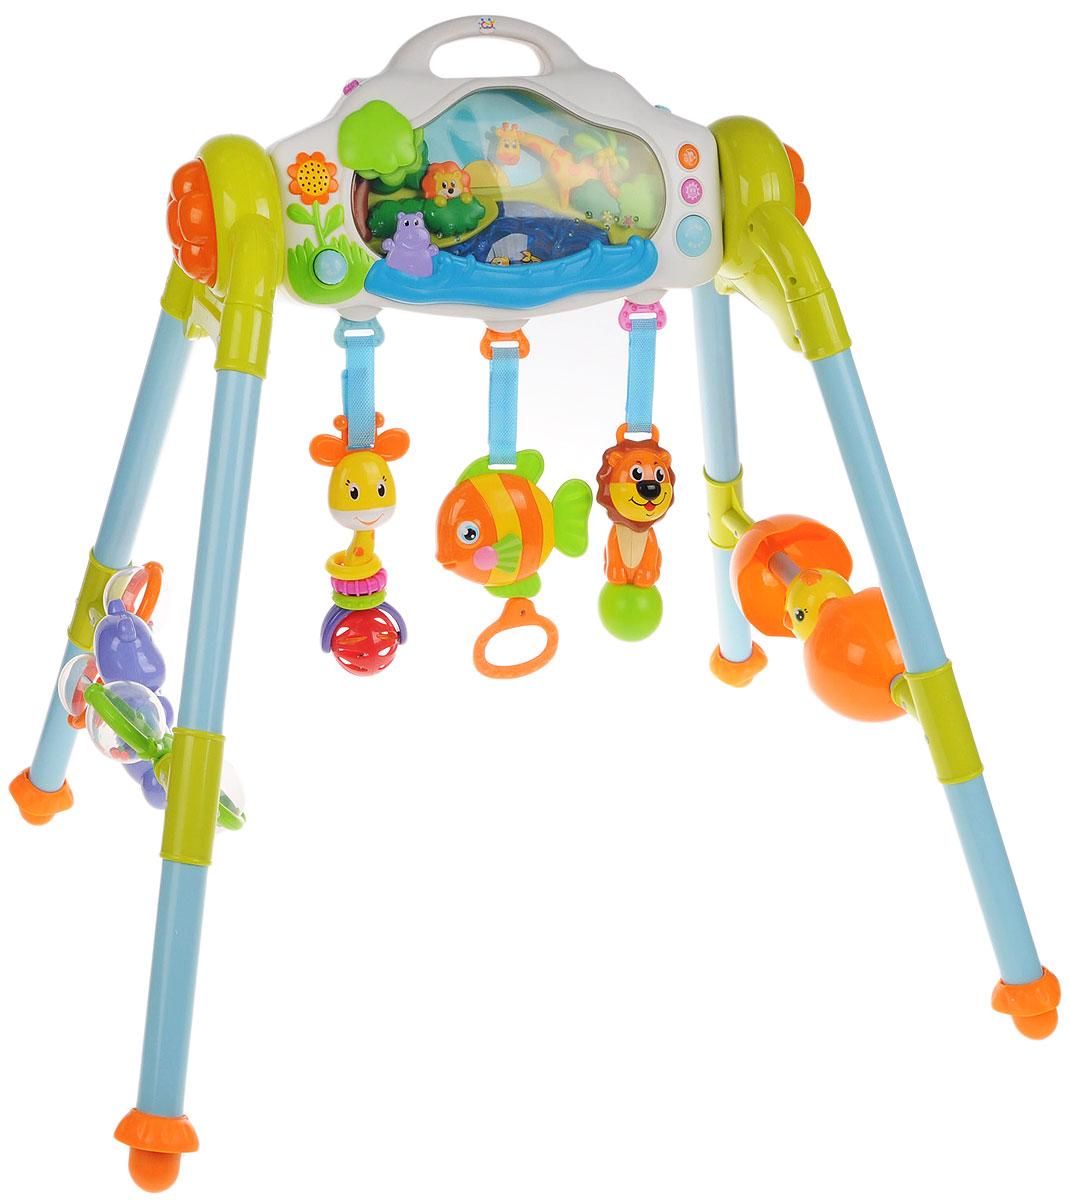 филлипс музыкальный центр Huile Toys Развивающий музыкальный центр 3 в 1